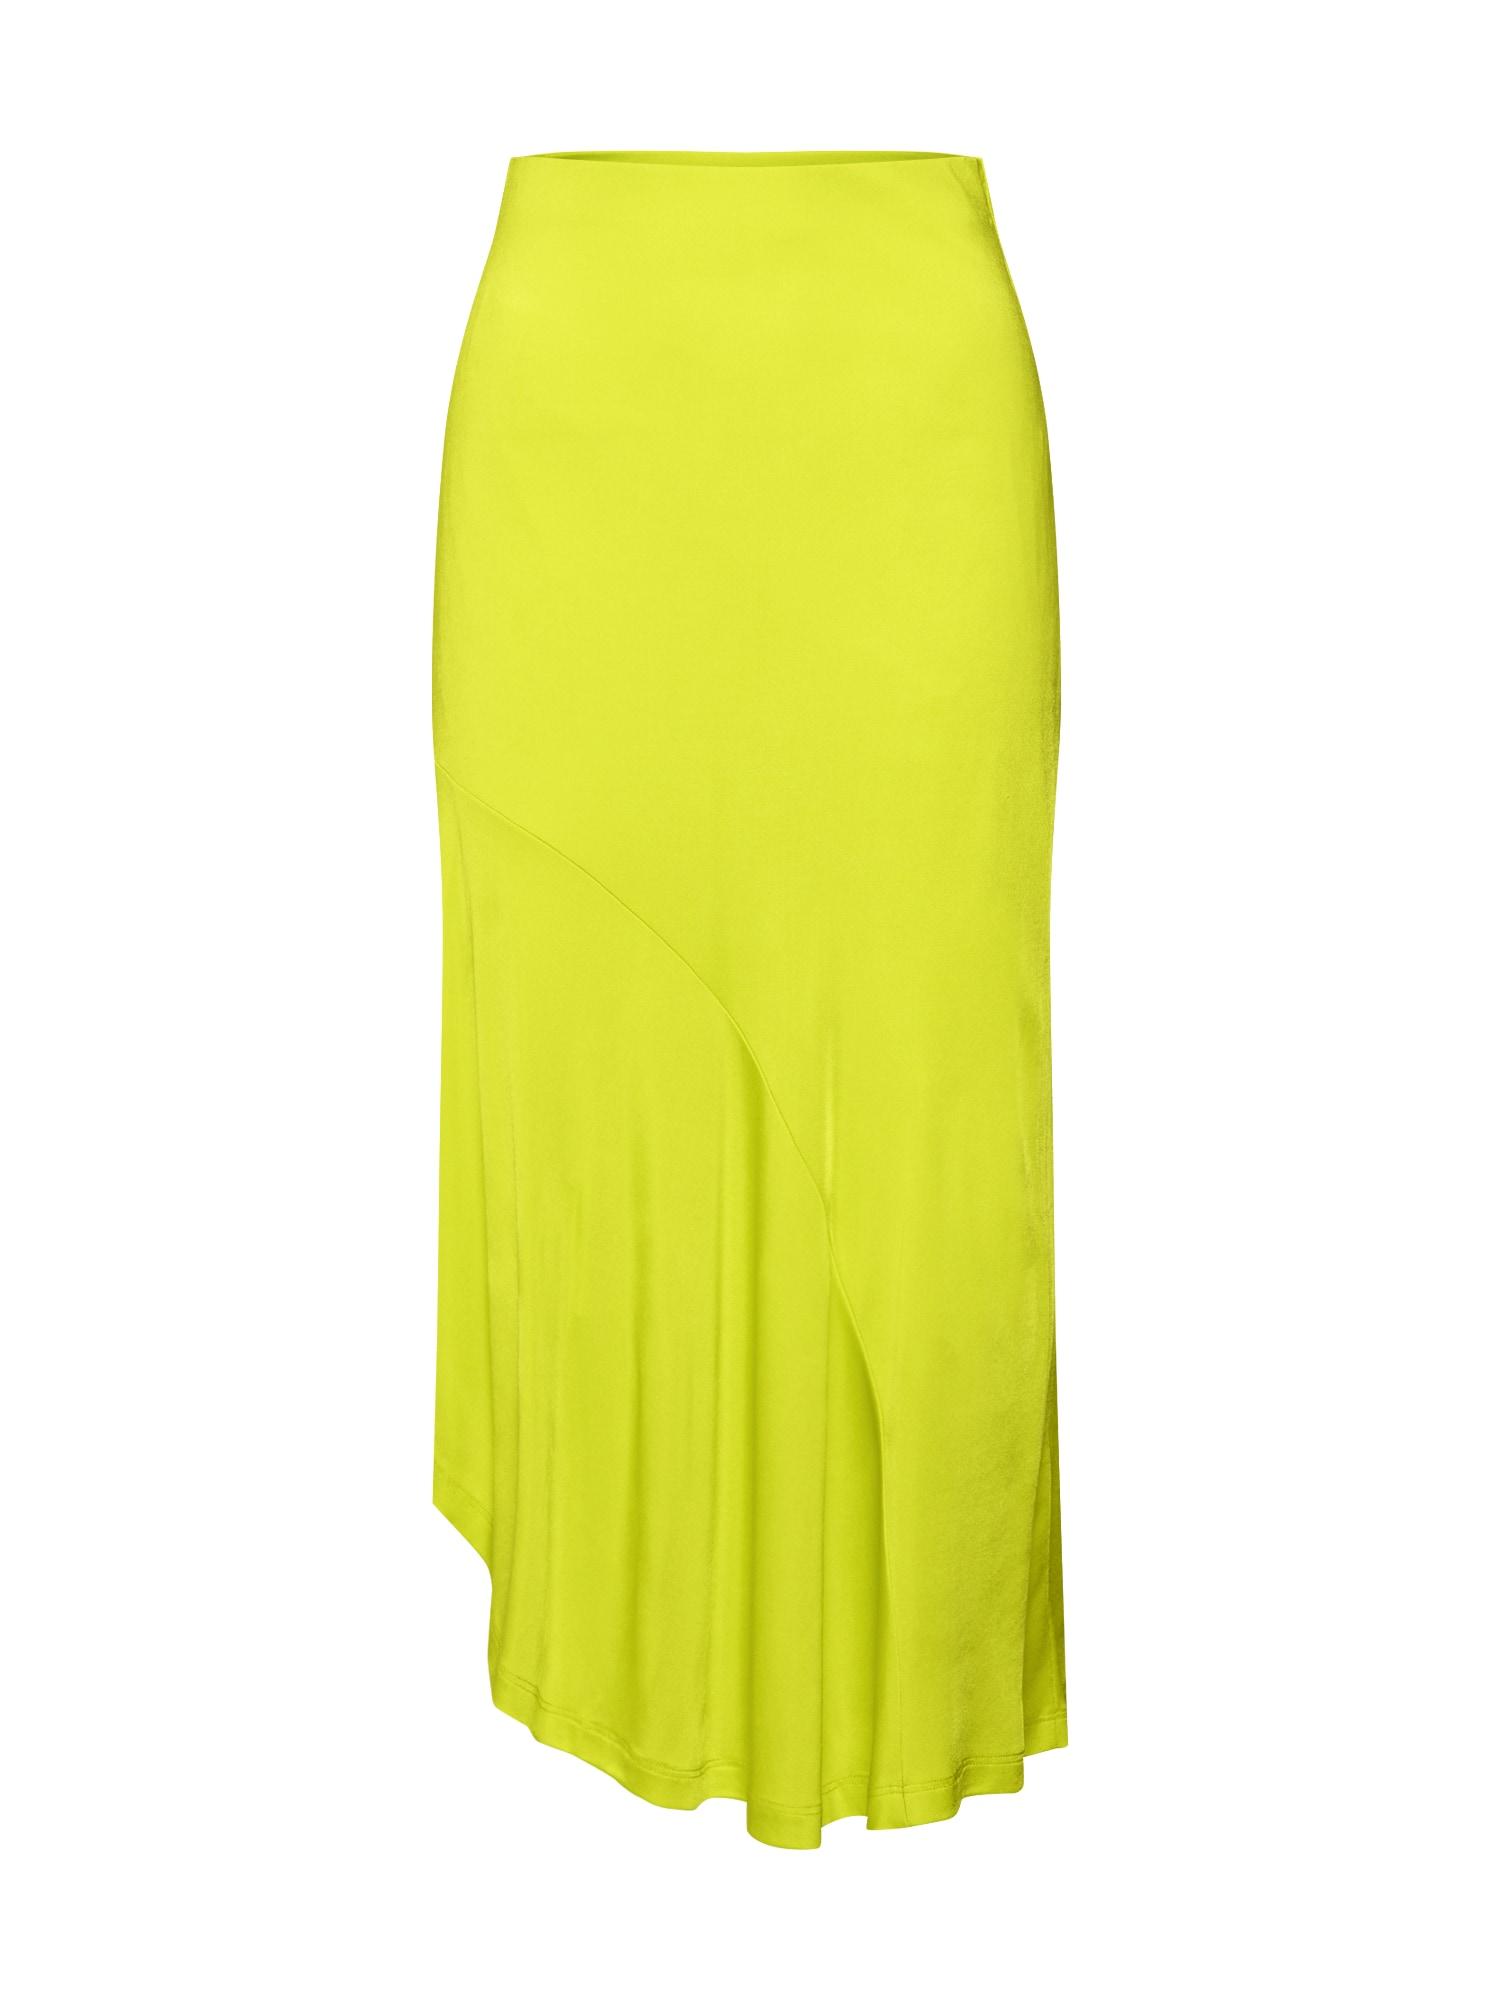 EDITED Sijonas 'Aisling' neoninė geltona